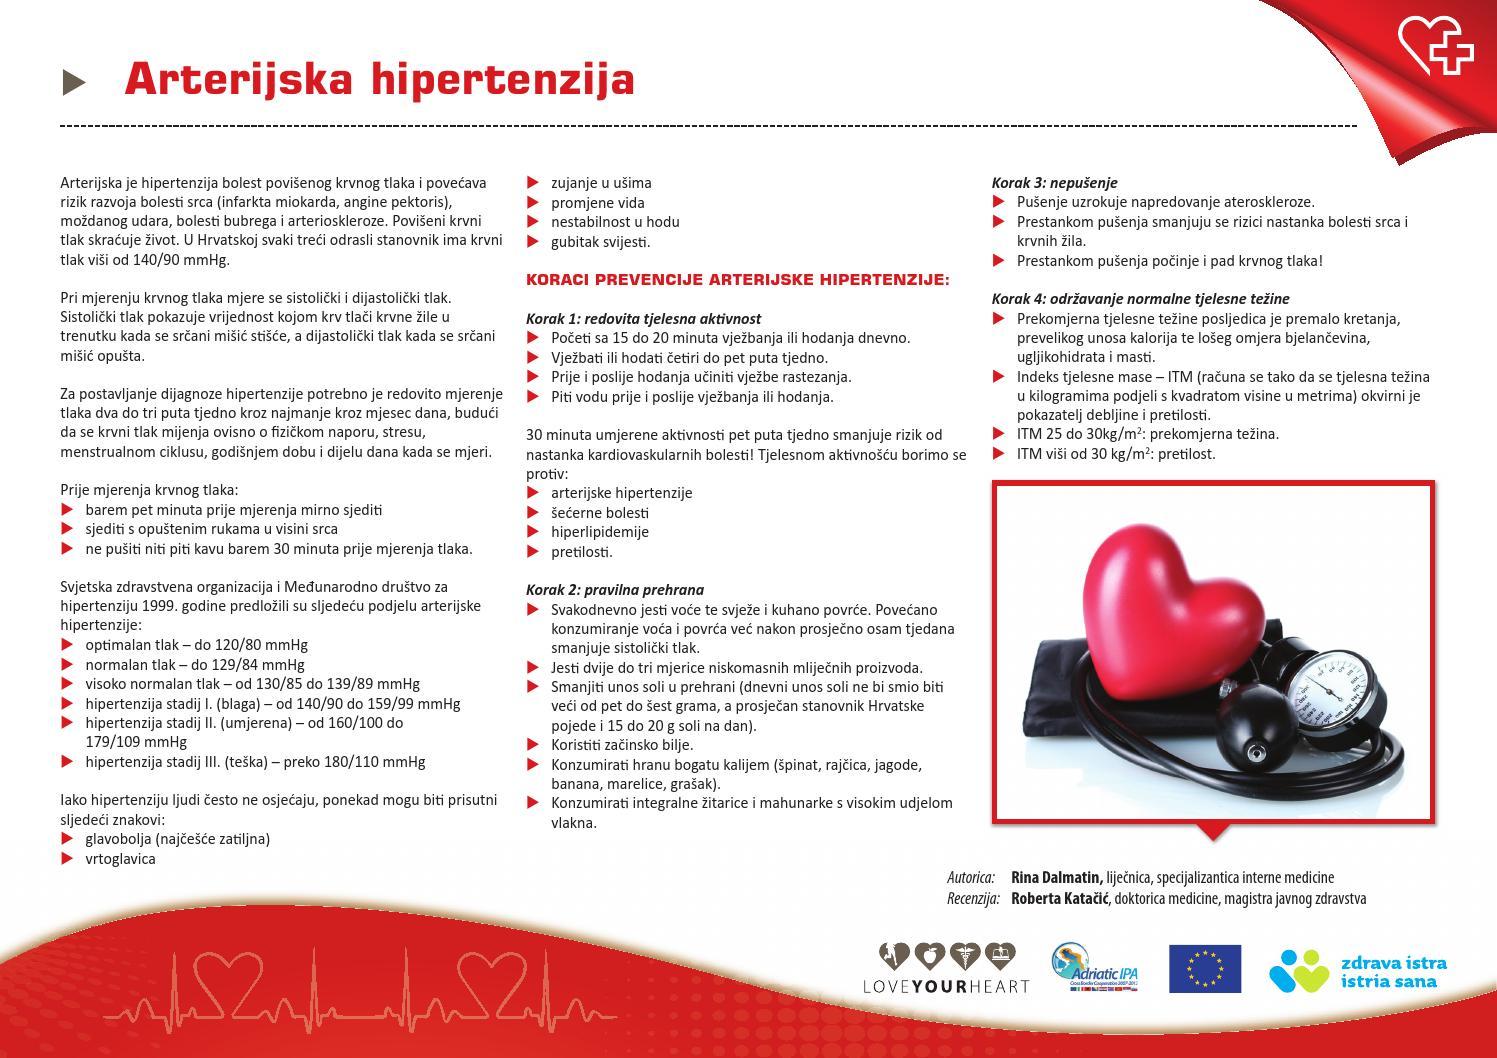 2. i 3. korak hipertenzije